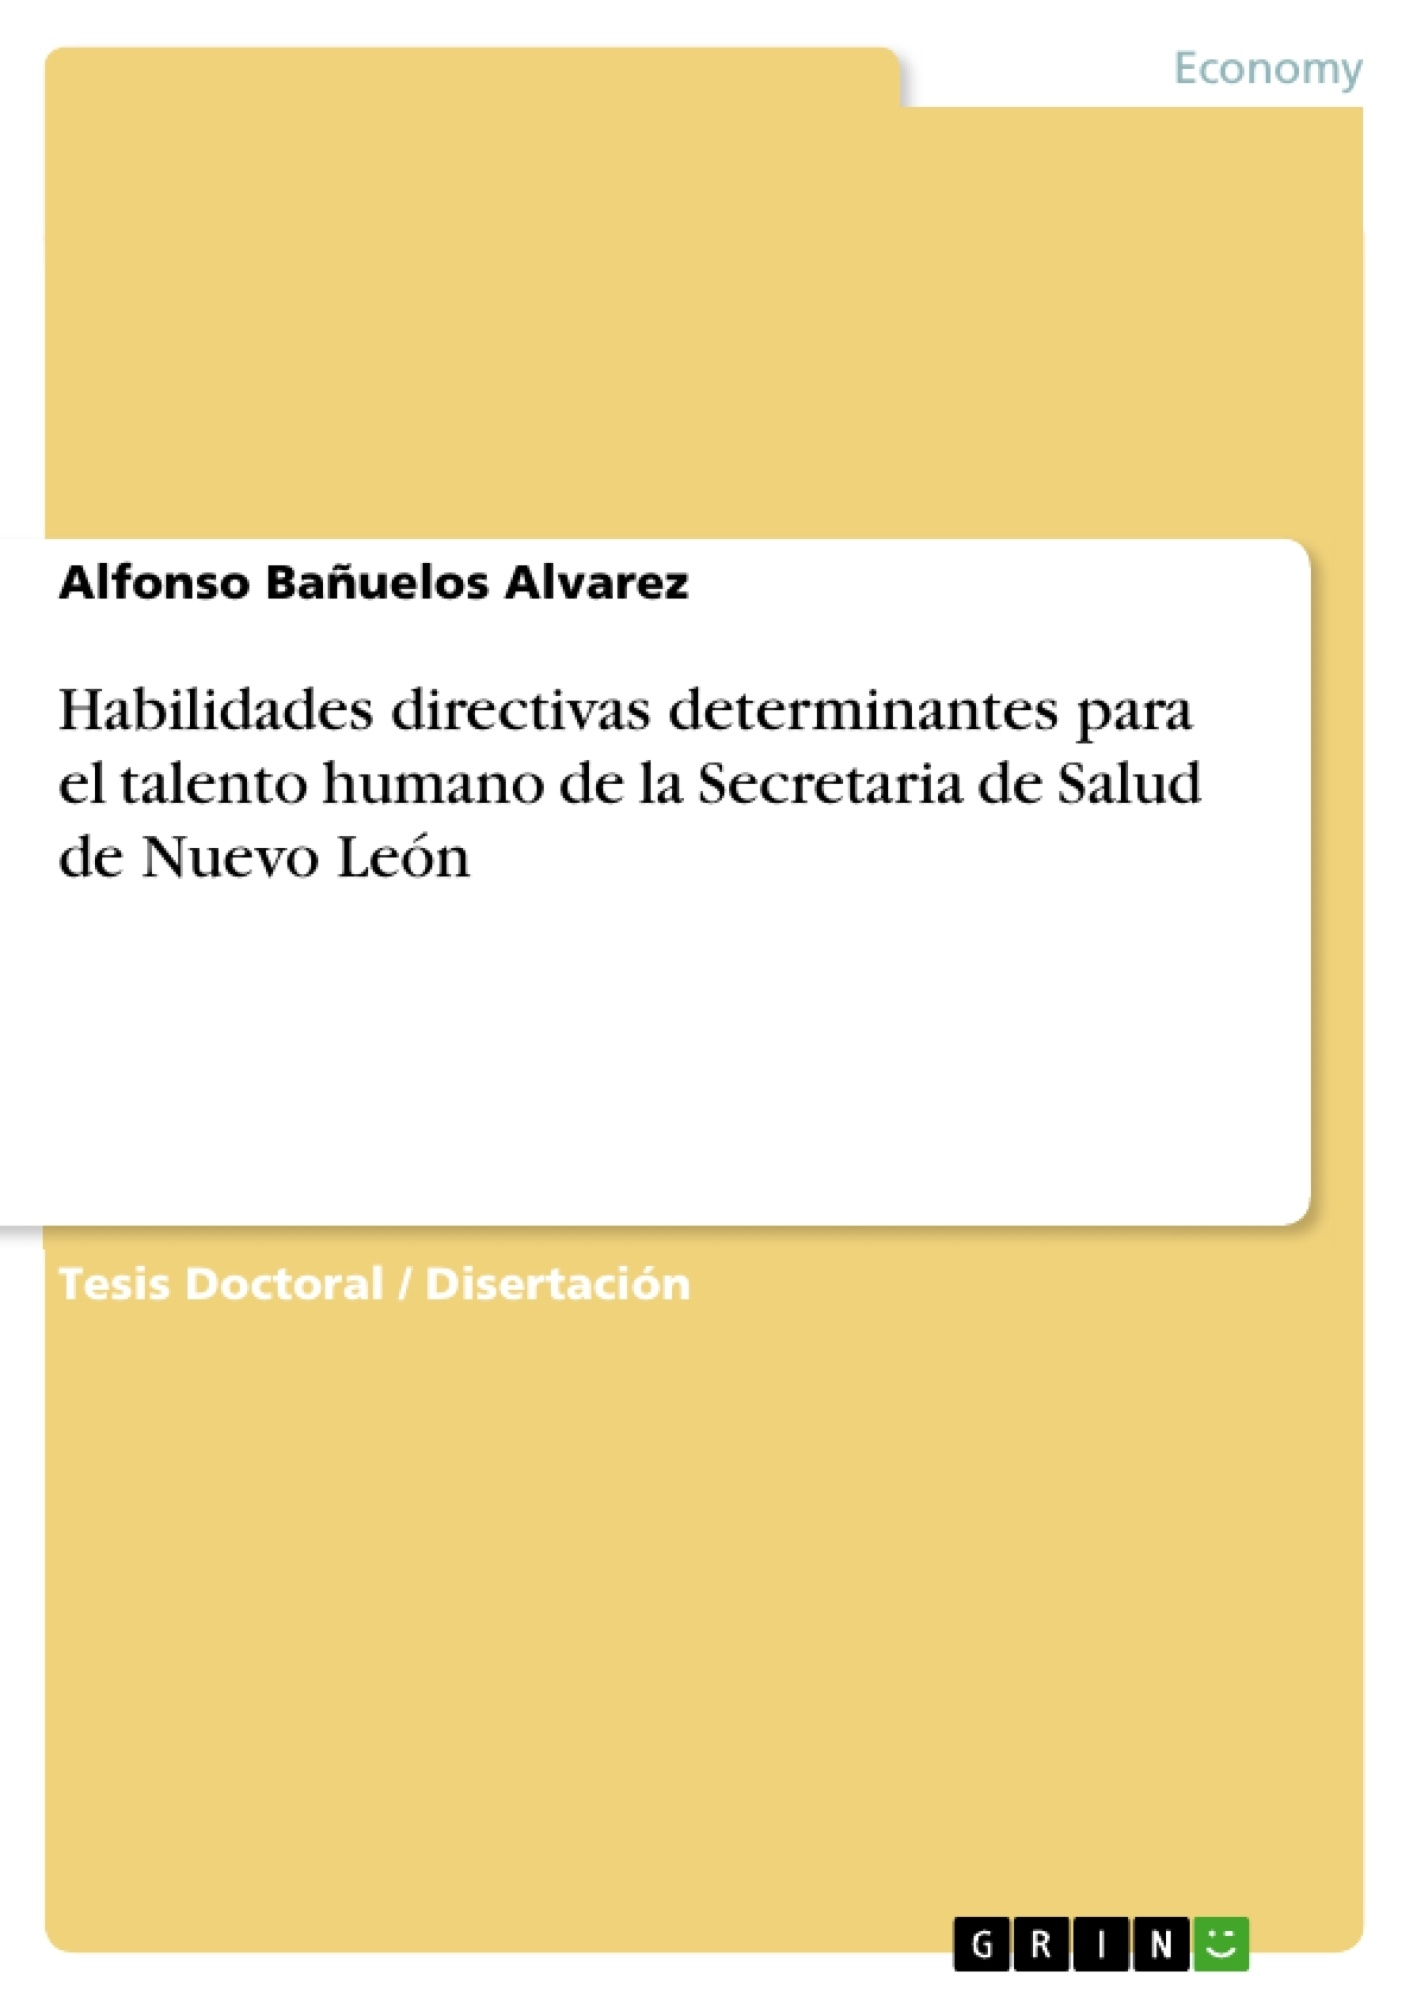 Título: Habilidades directivas determinantes para el talento humano de la  Secretaria de Salud de Nuevo León